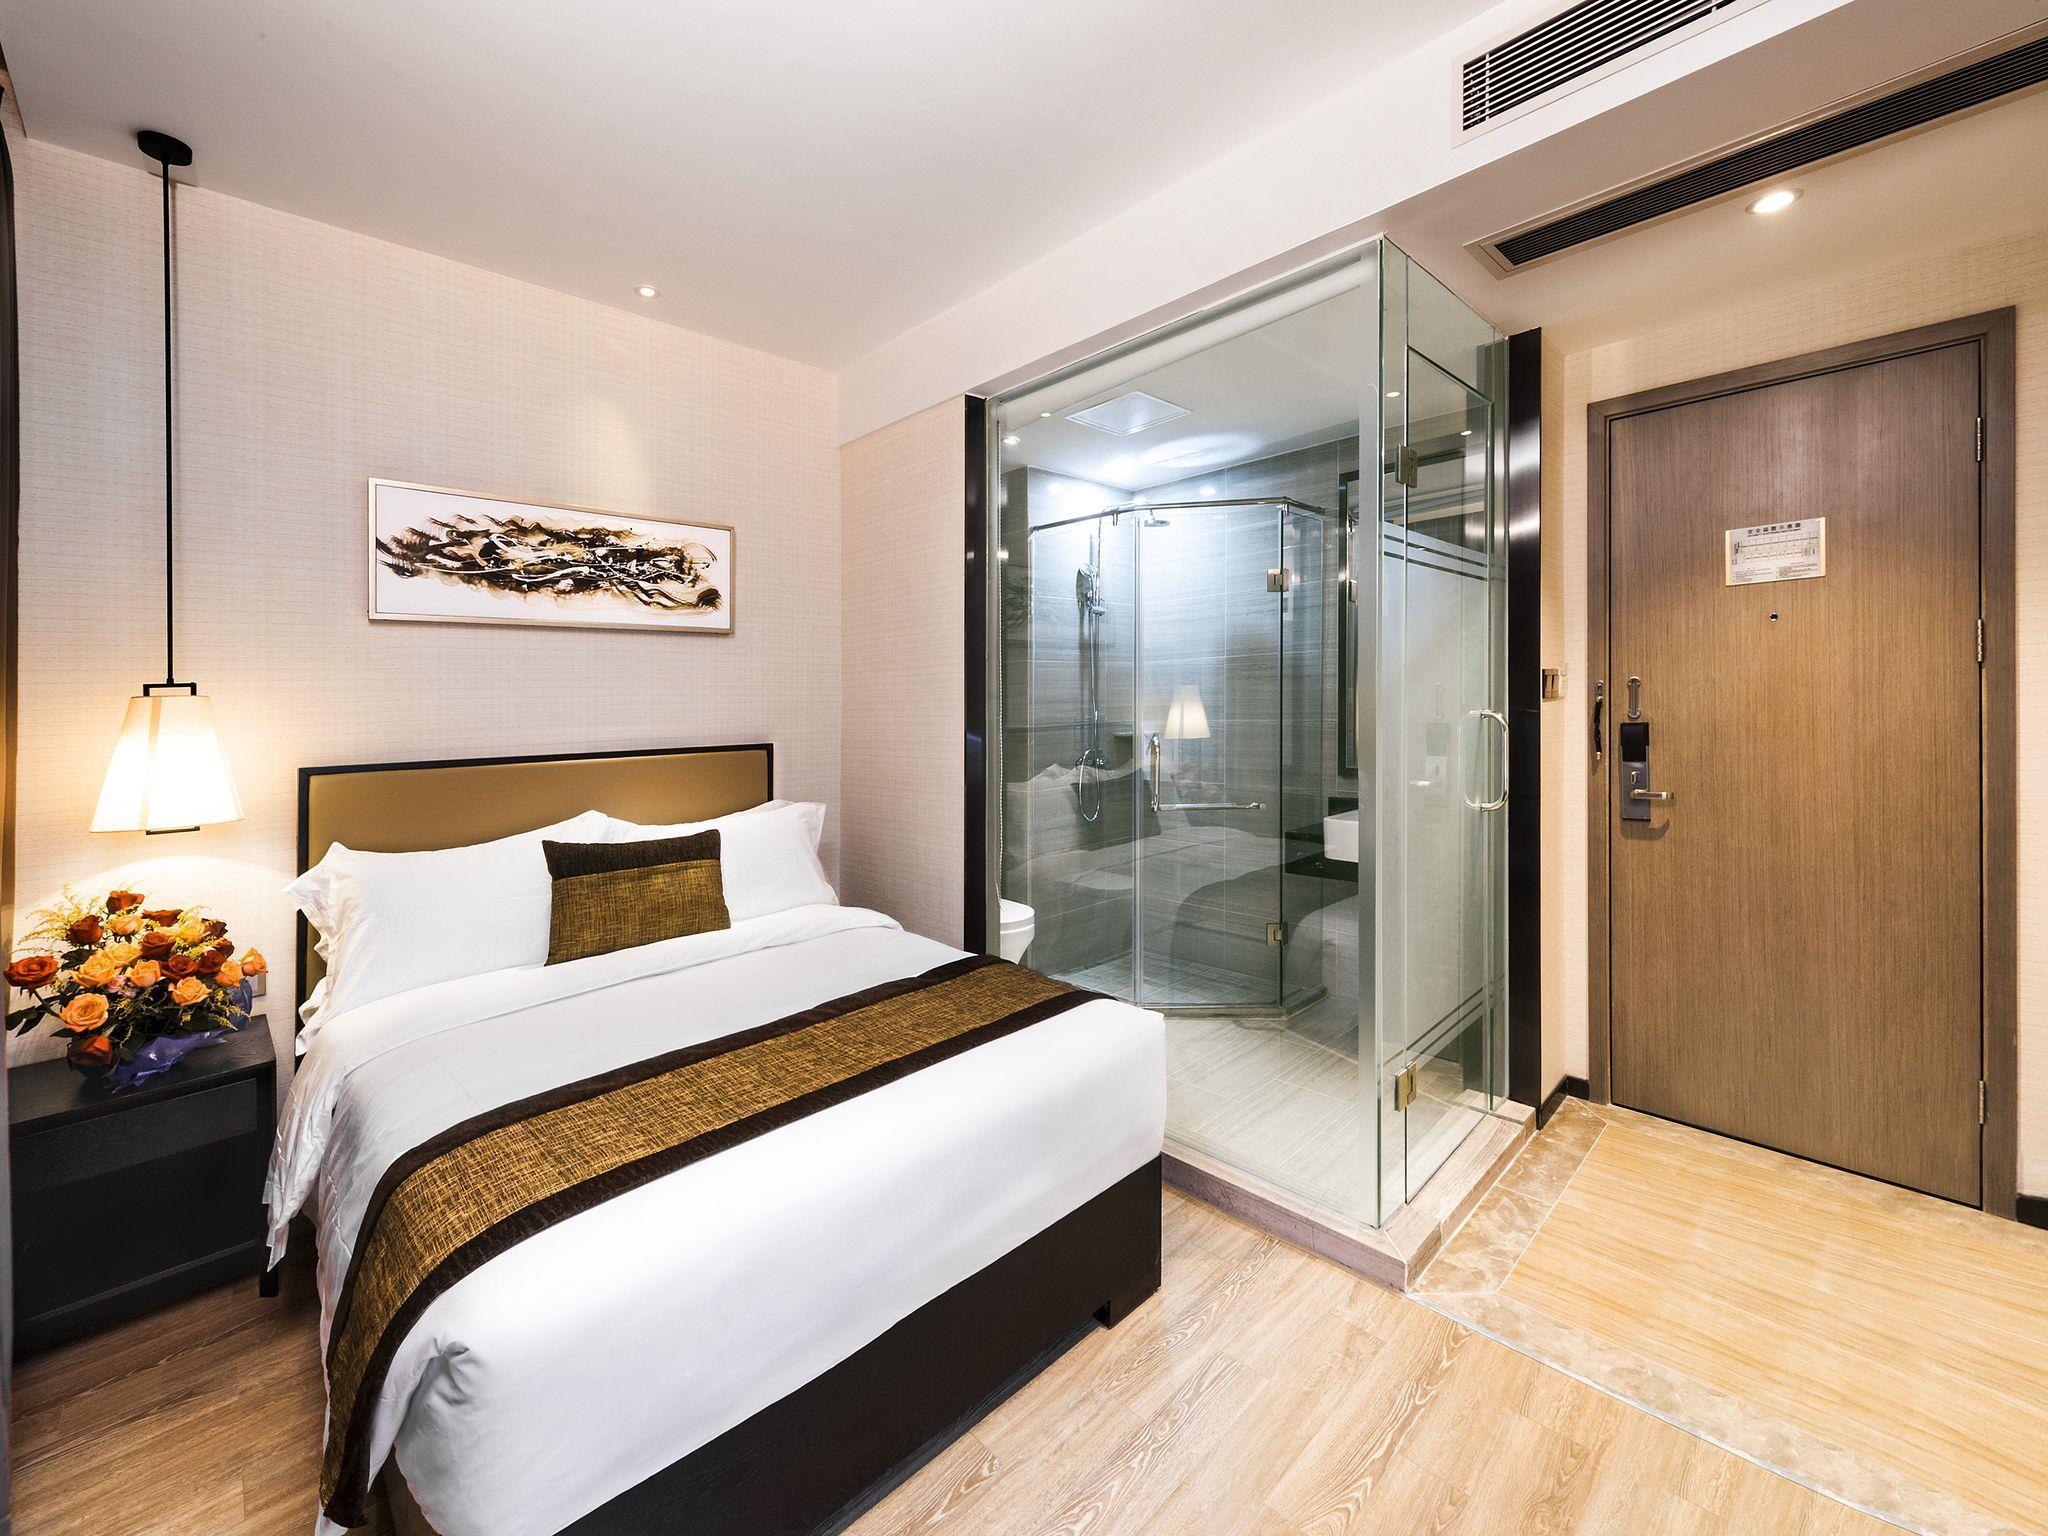 Phoenix valley holiday hotel zhuhai Рoffres sp̩ciales pour cet h̫tel